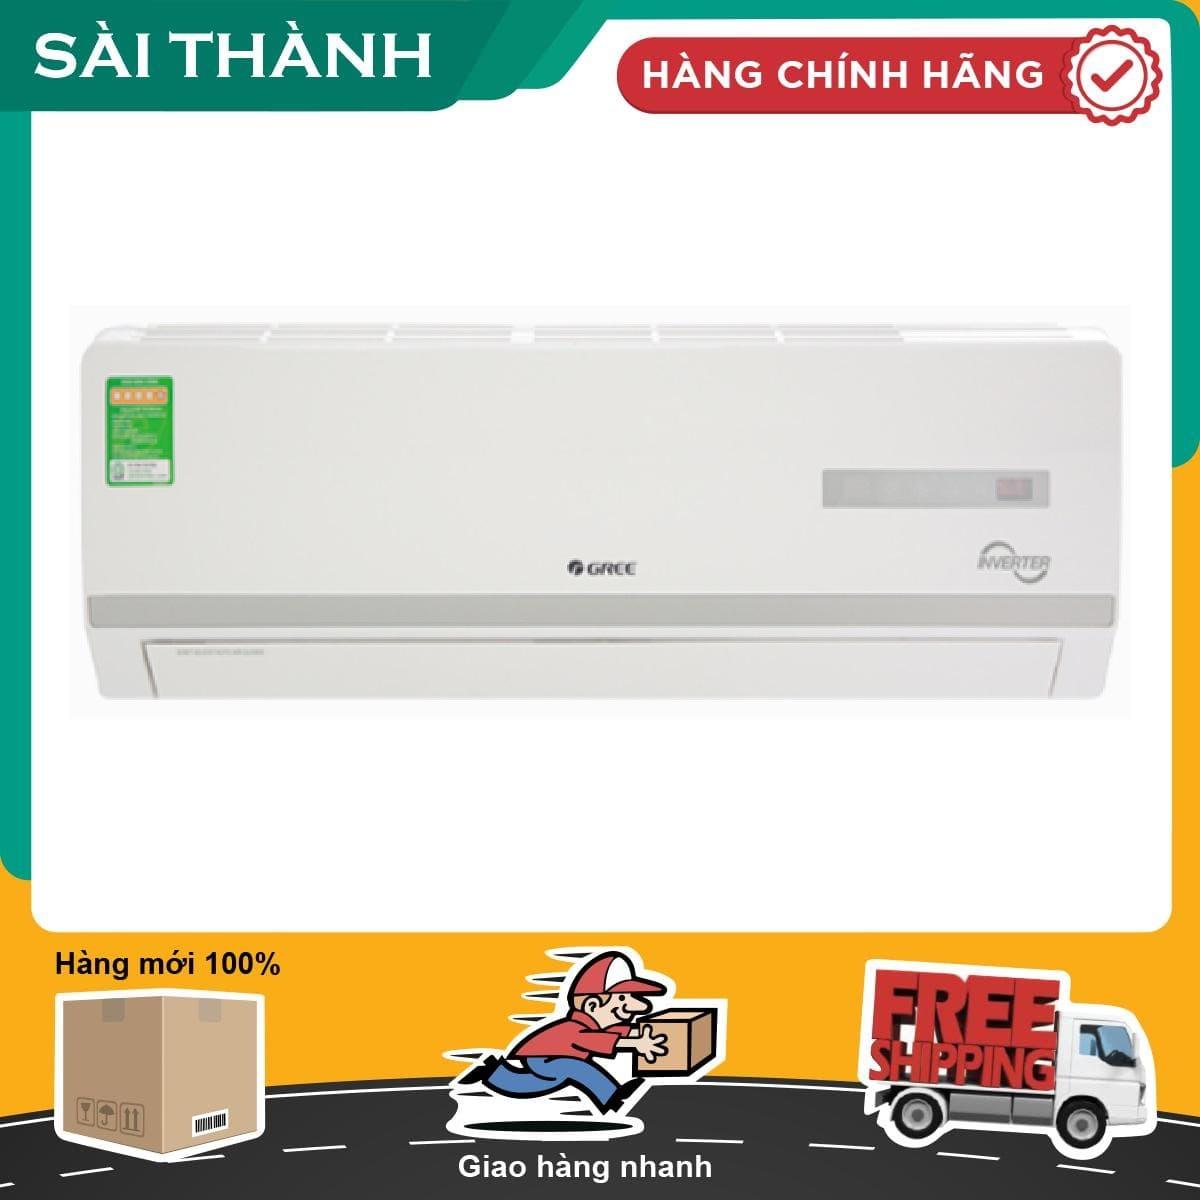 Bảng giá Máy lạnh Gree Inverter 1 HP GWC09WA-K3D9B7I - Bảo hành 2 năm